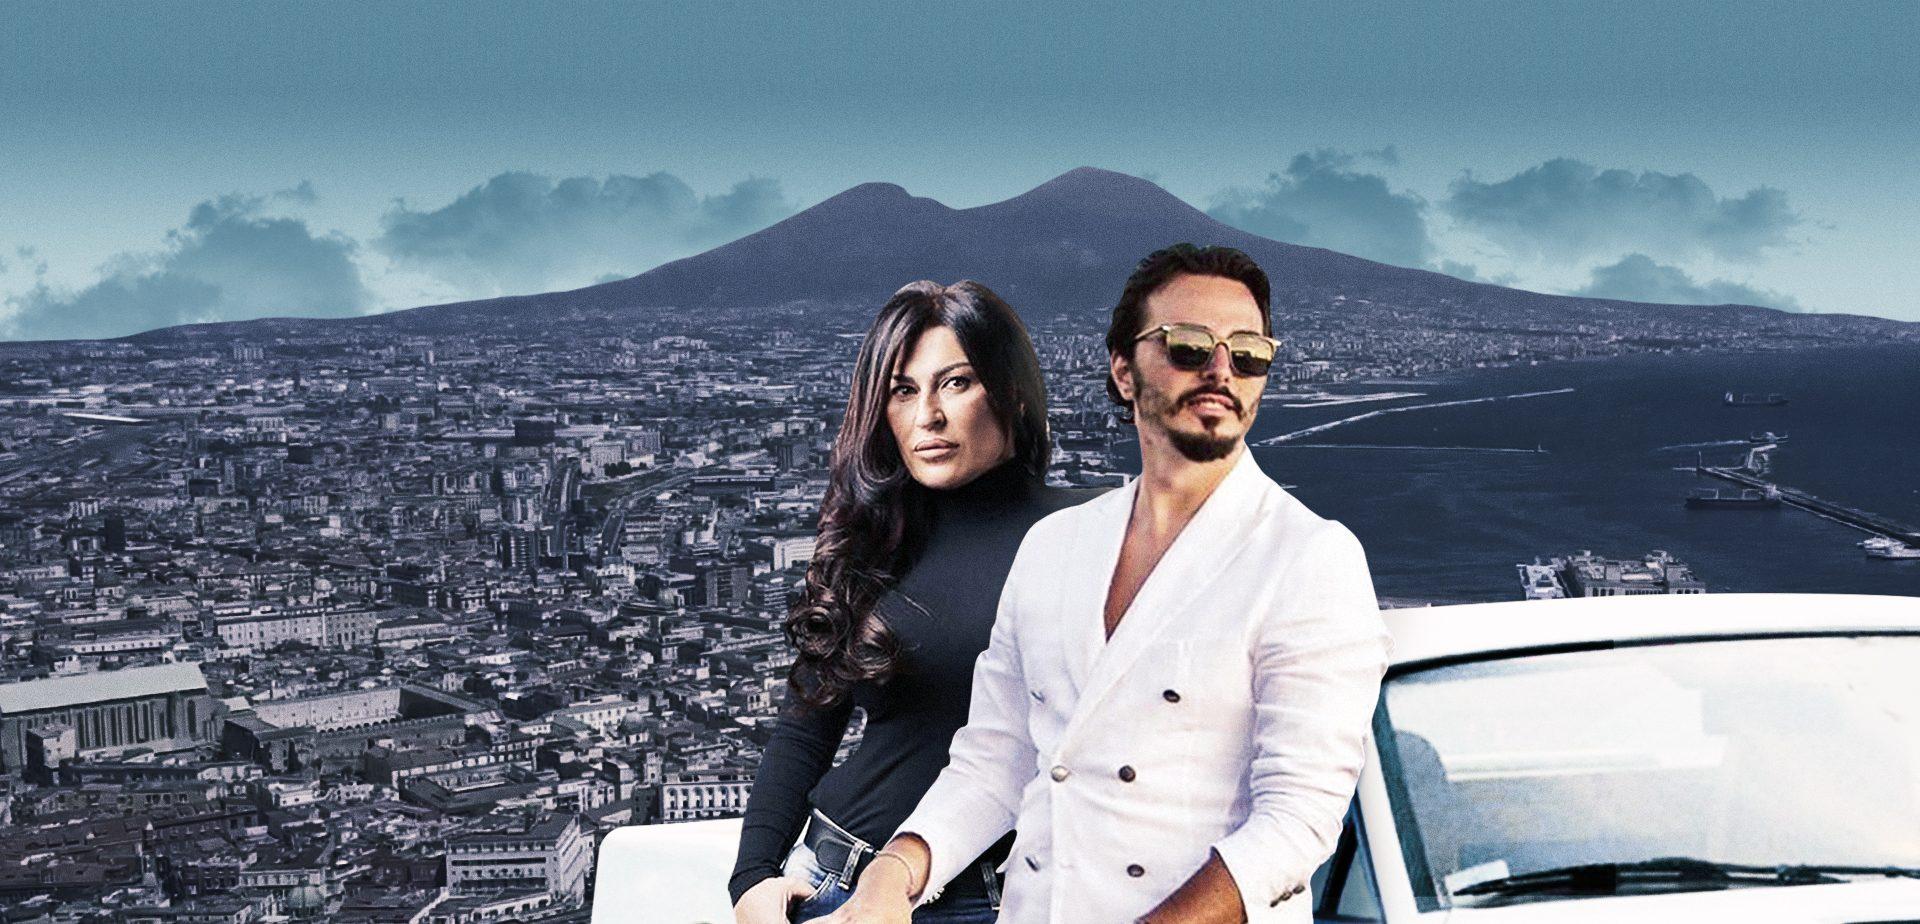 Camorra Entertainment: Tony Colombo e Tina Rispoli